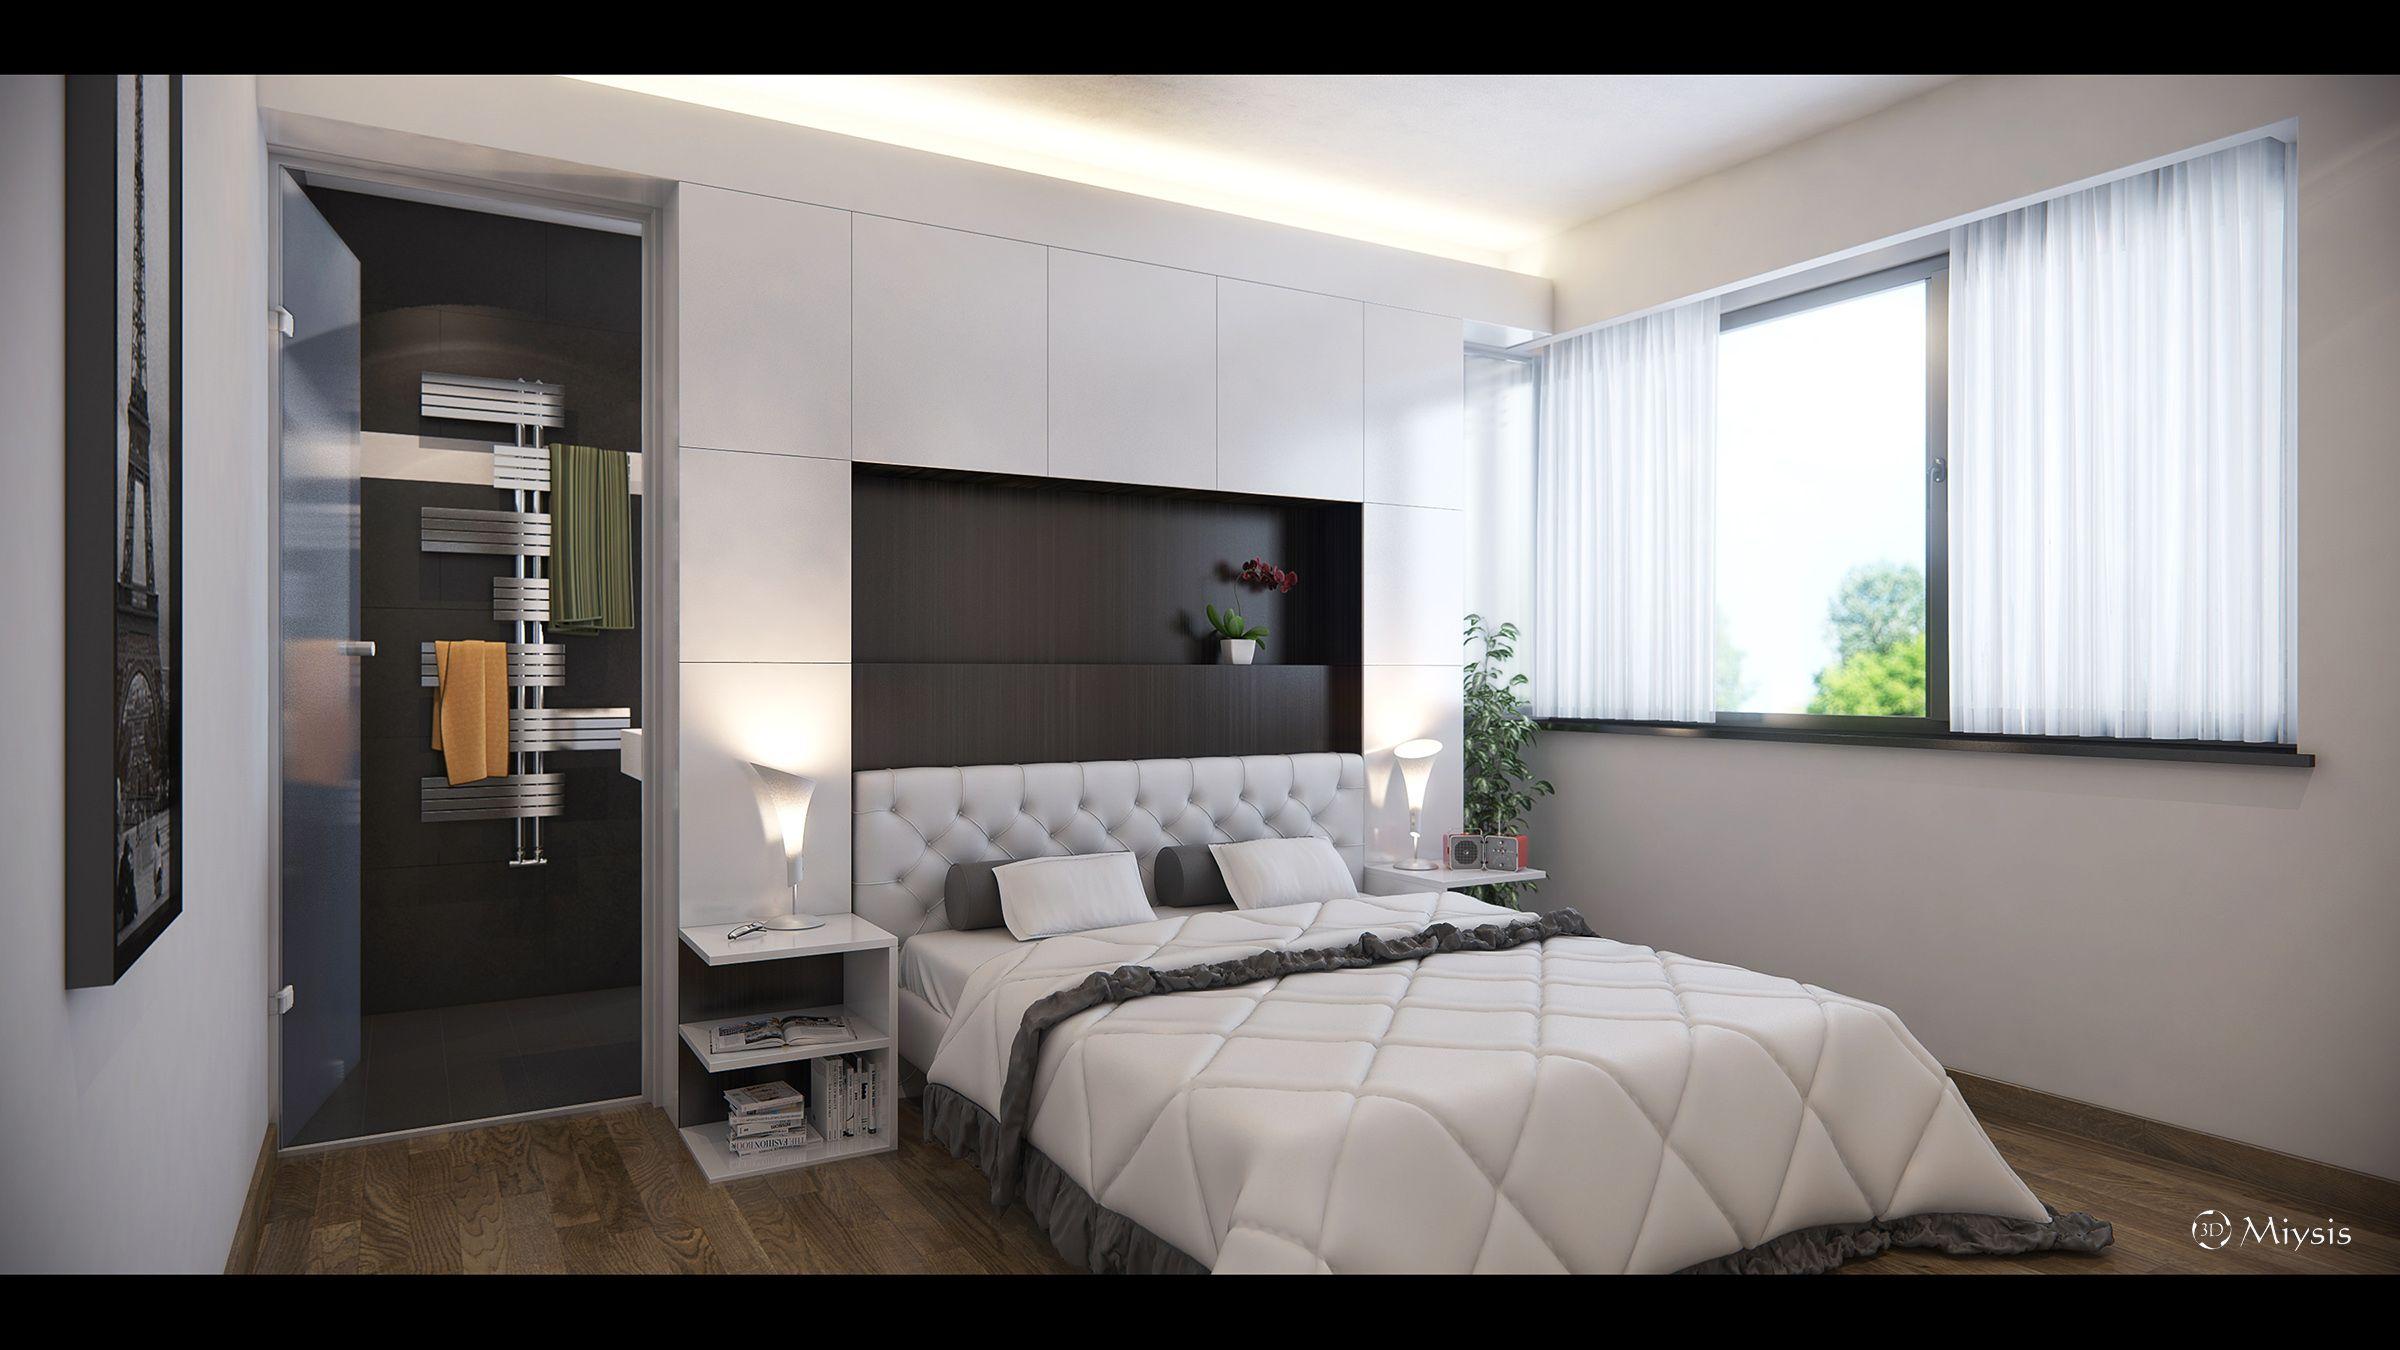 3D Bedroom Design Miysis Studio 3D  Bedroomcgarchitecte  Professional 3D